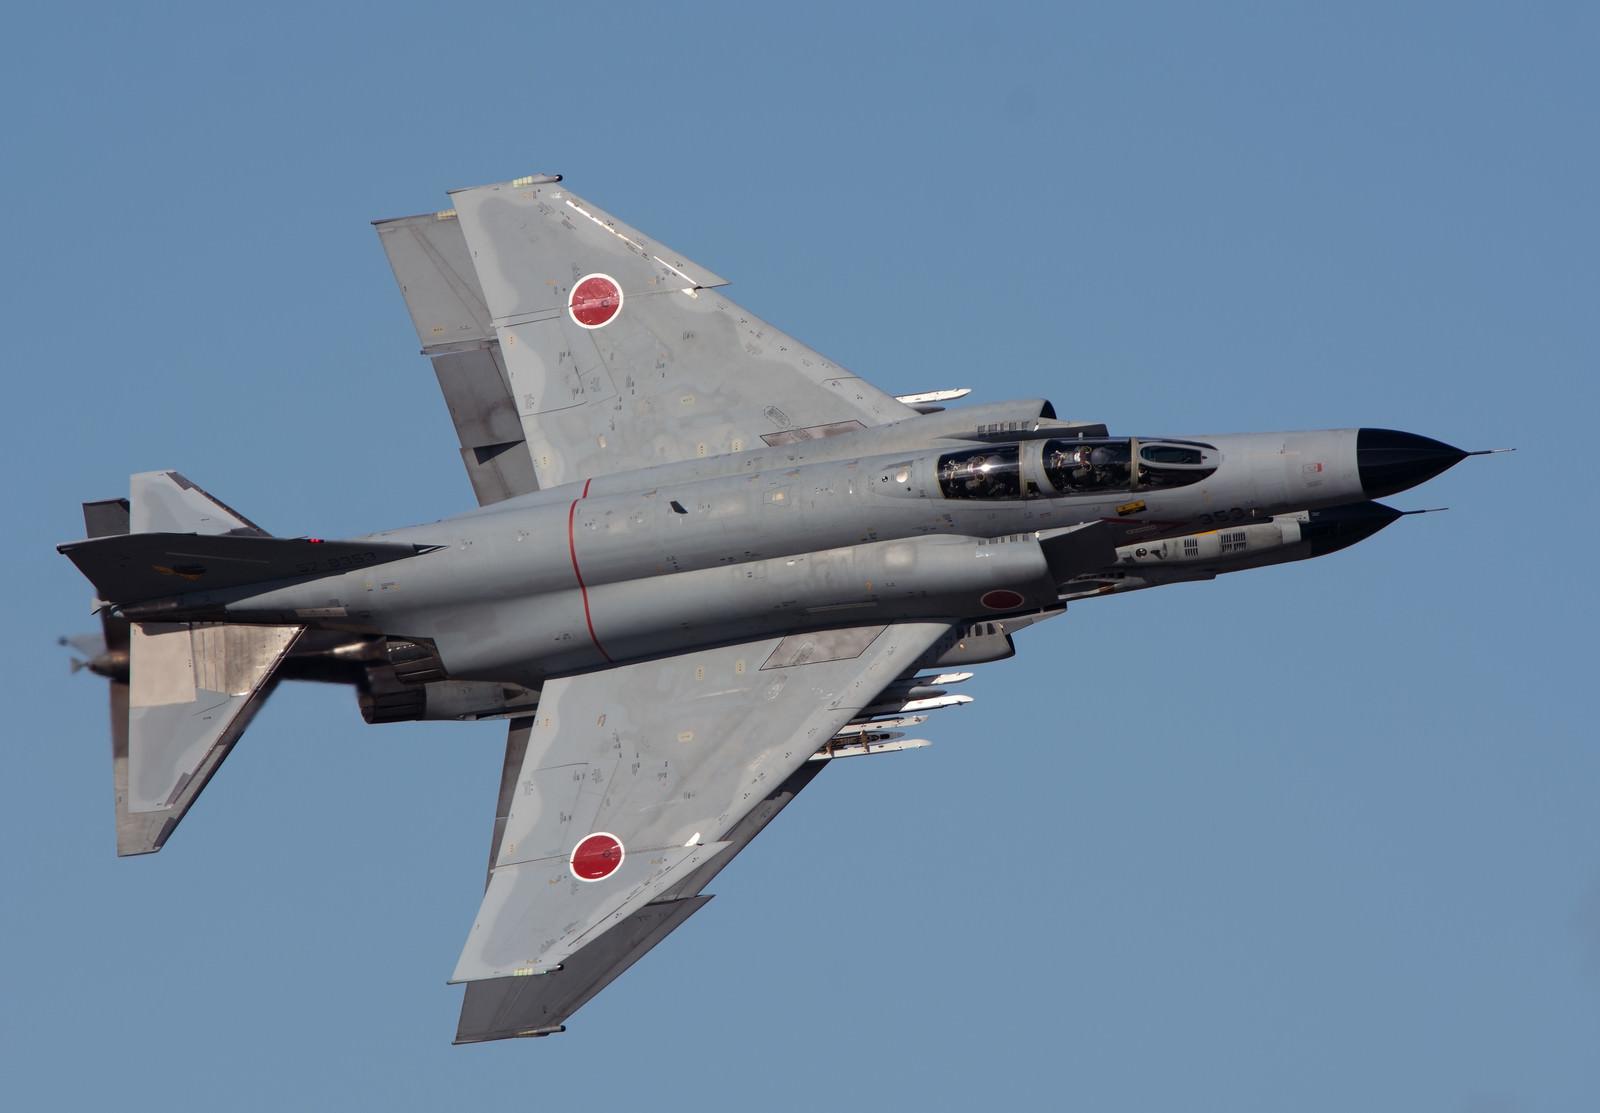 「重なる姿、支える技術、百里基地301飛行隊のF-4 | 写真の無料素材・フリー素材 - ぱくたそ」の写真